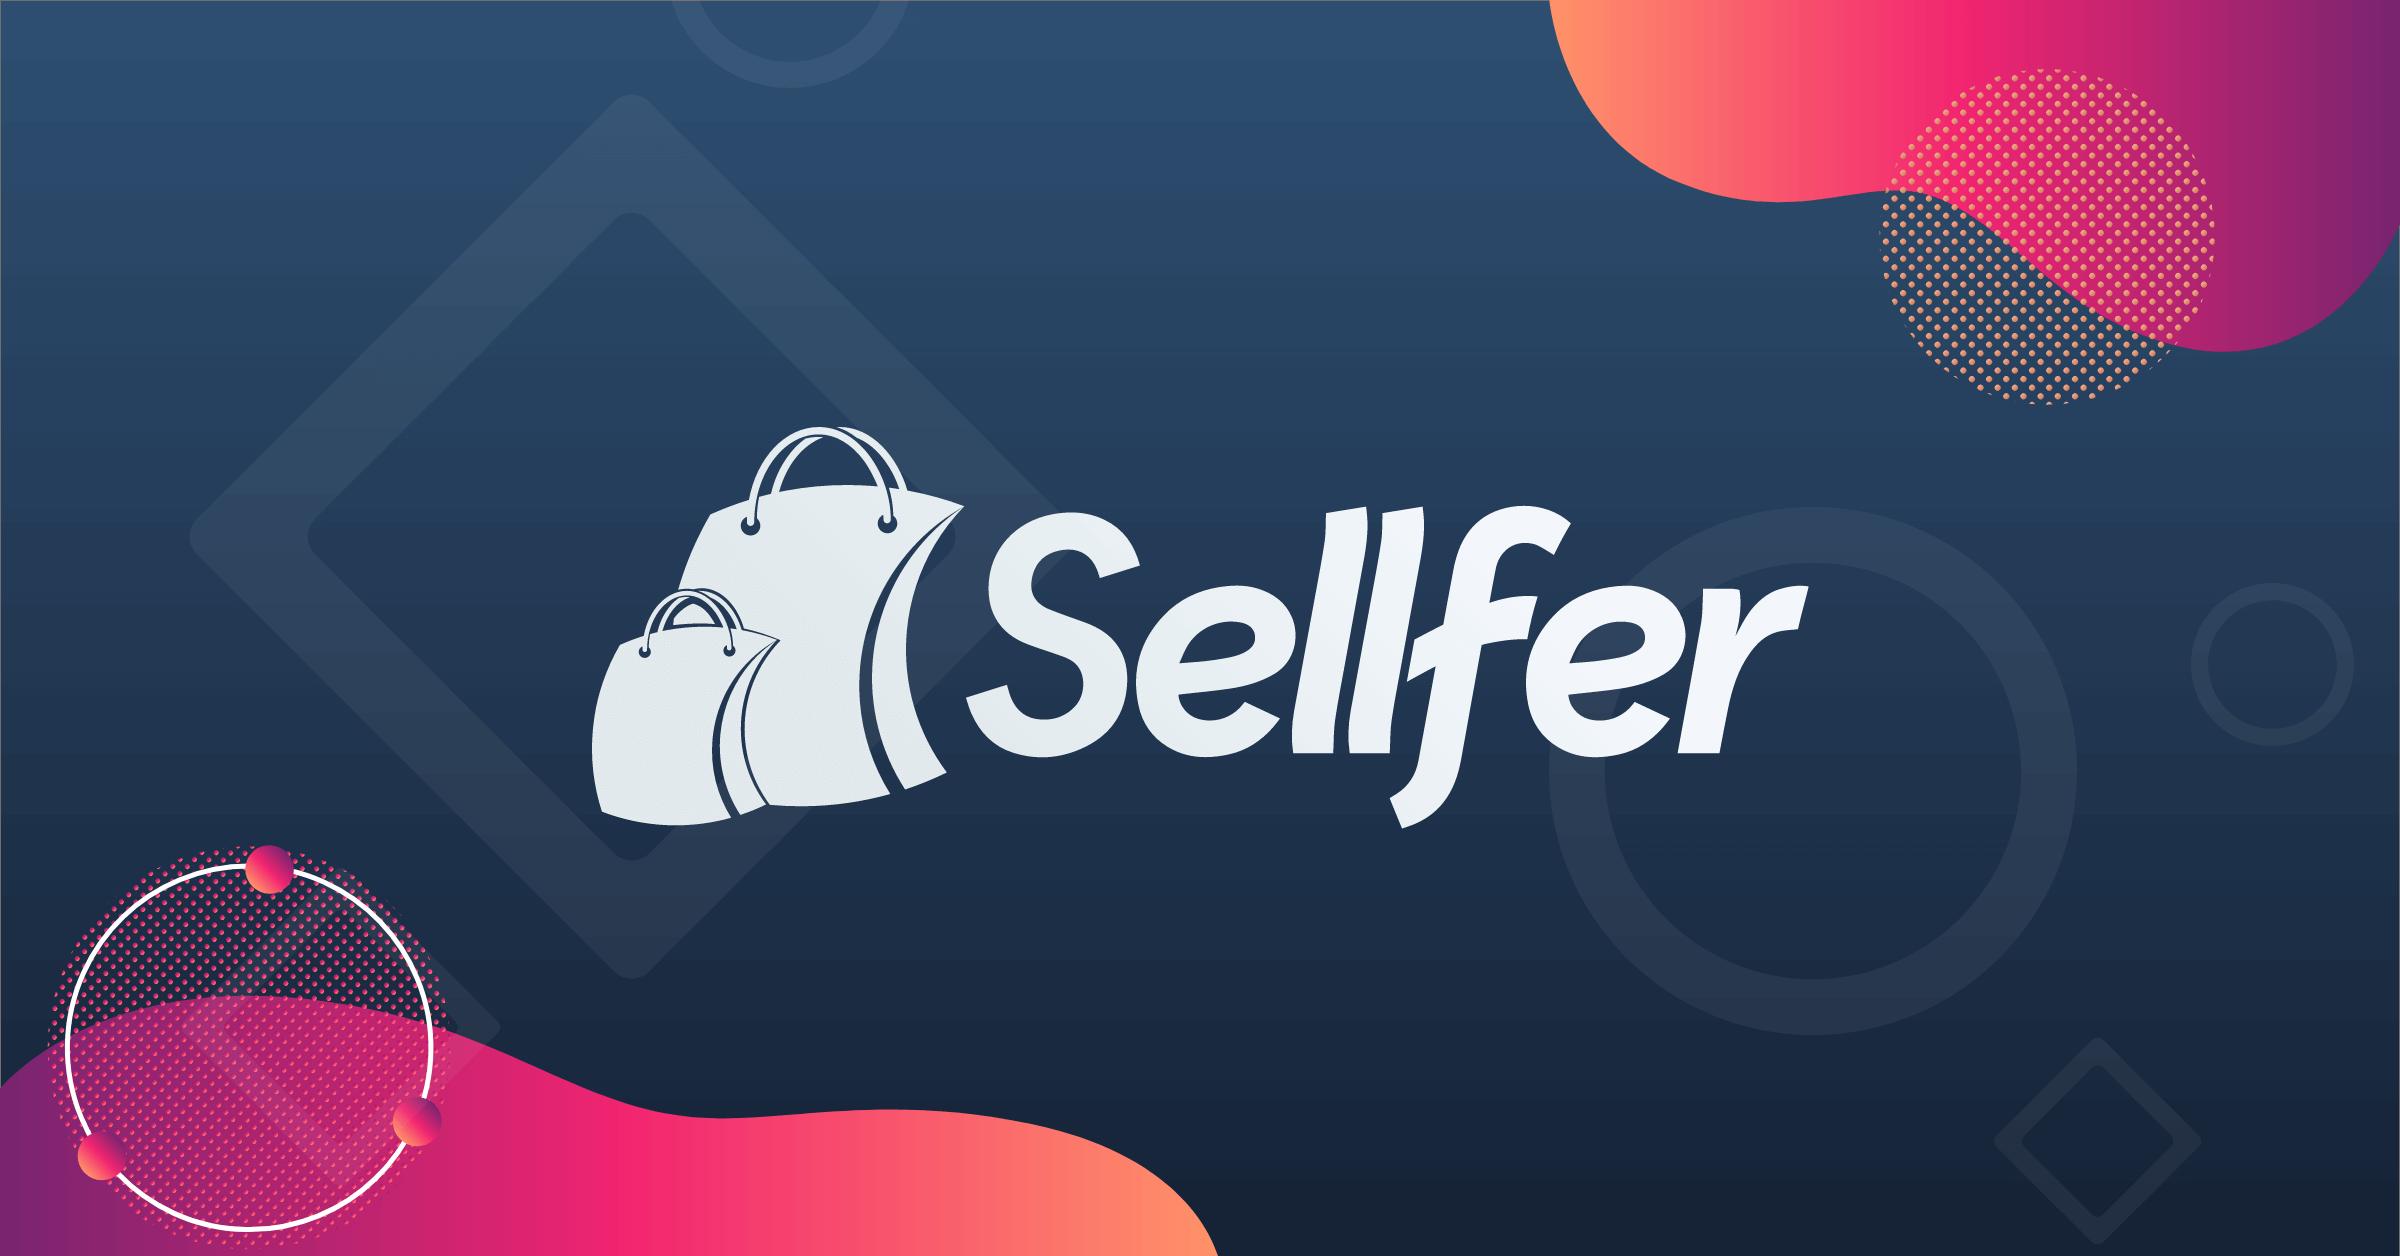 Sellfer - Cover